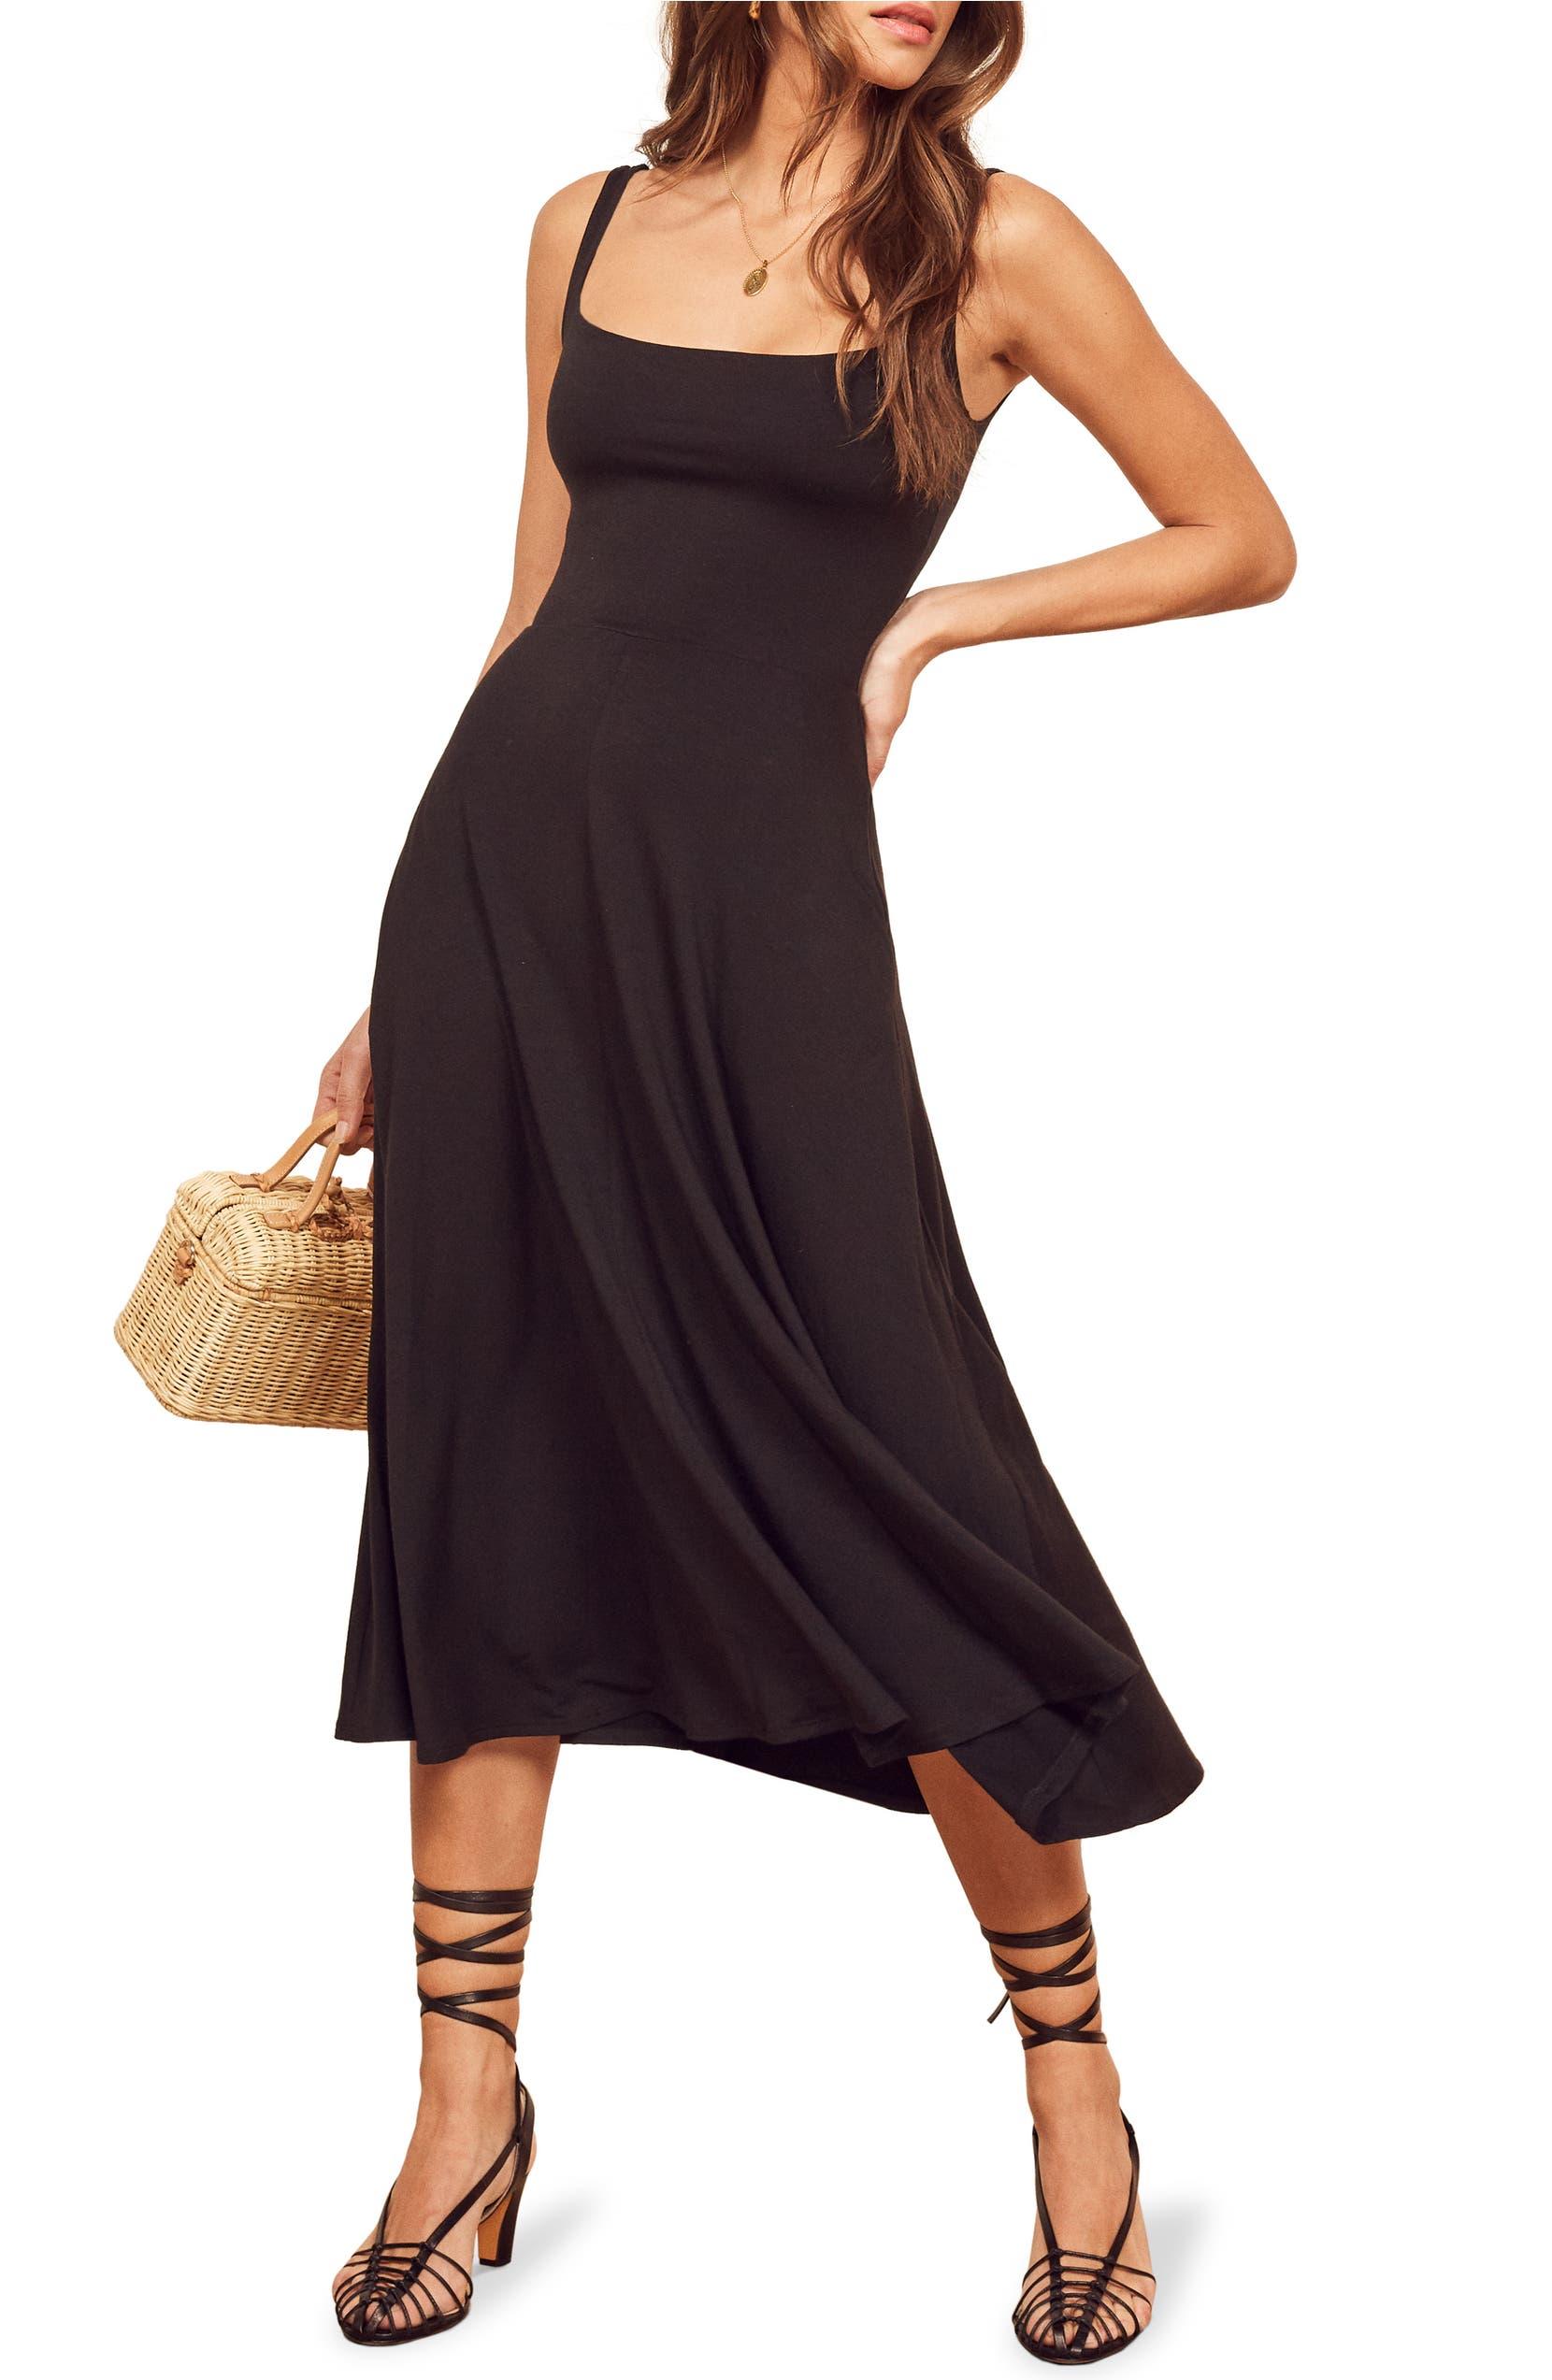 Mary Tank Dress